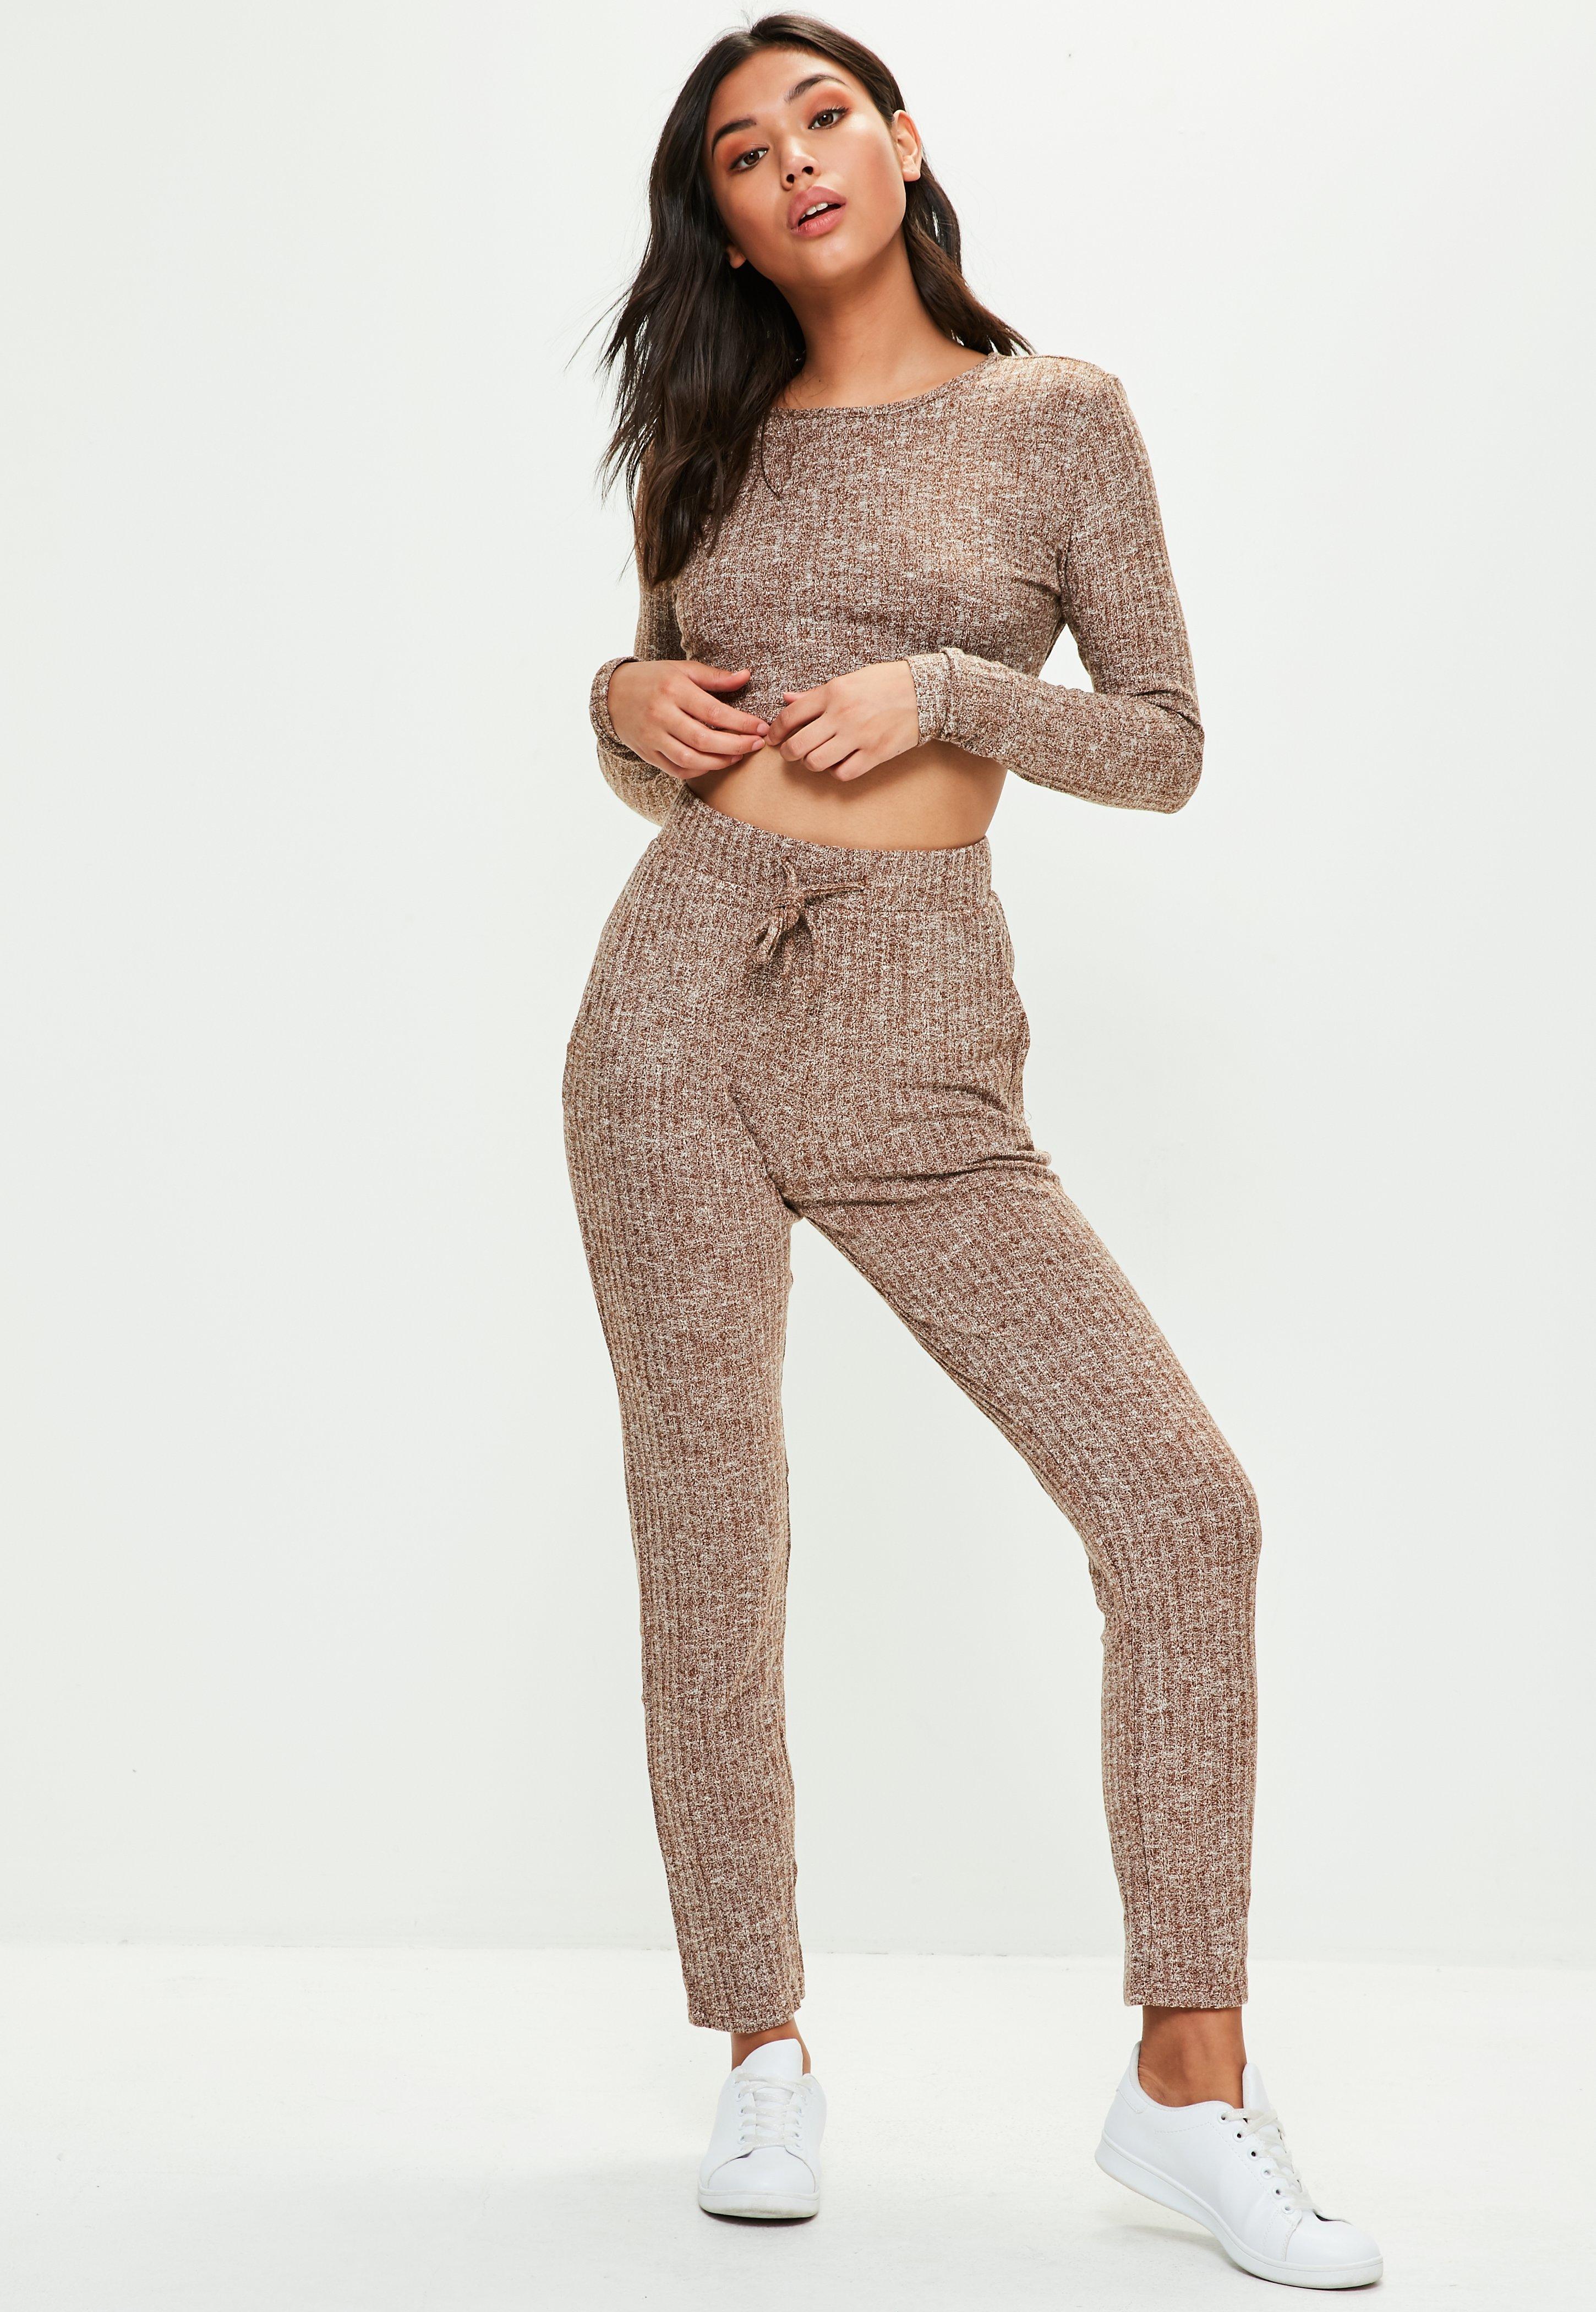 3f9407565c34a Prążkowane Prążkowane Spodnie Spodnie Spodnie Prążkowane Beżowe Beżowe  Missguided Missguided Beżowe B1FFvSH